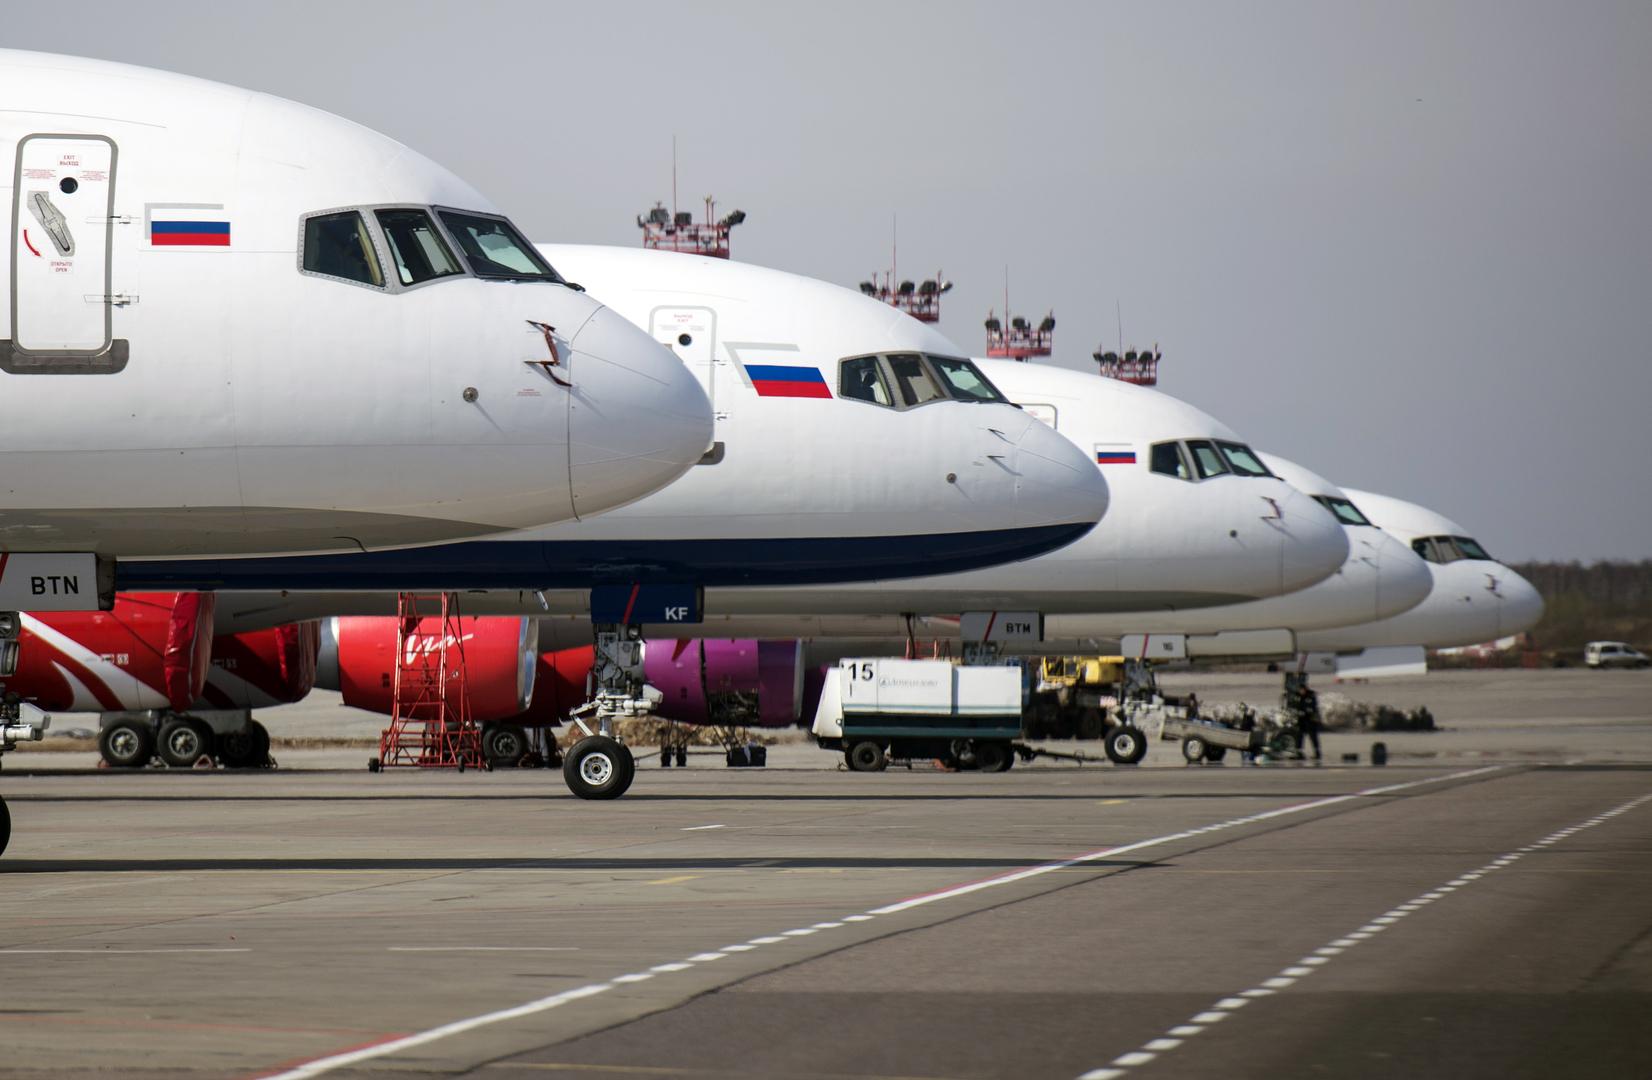 روسيا تستأنف رحلات الطيران الدولية اعتبارا من 1 أغسطس